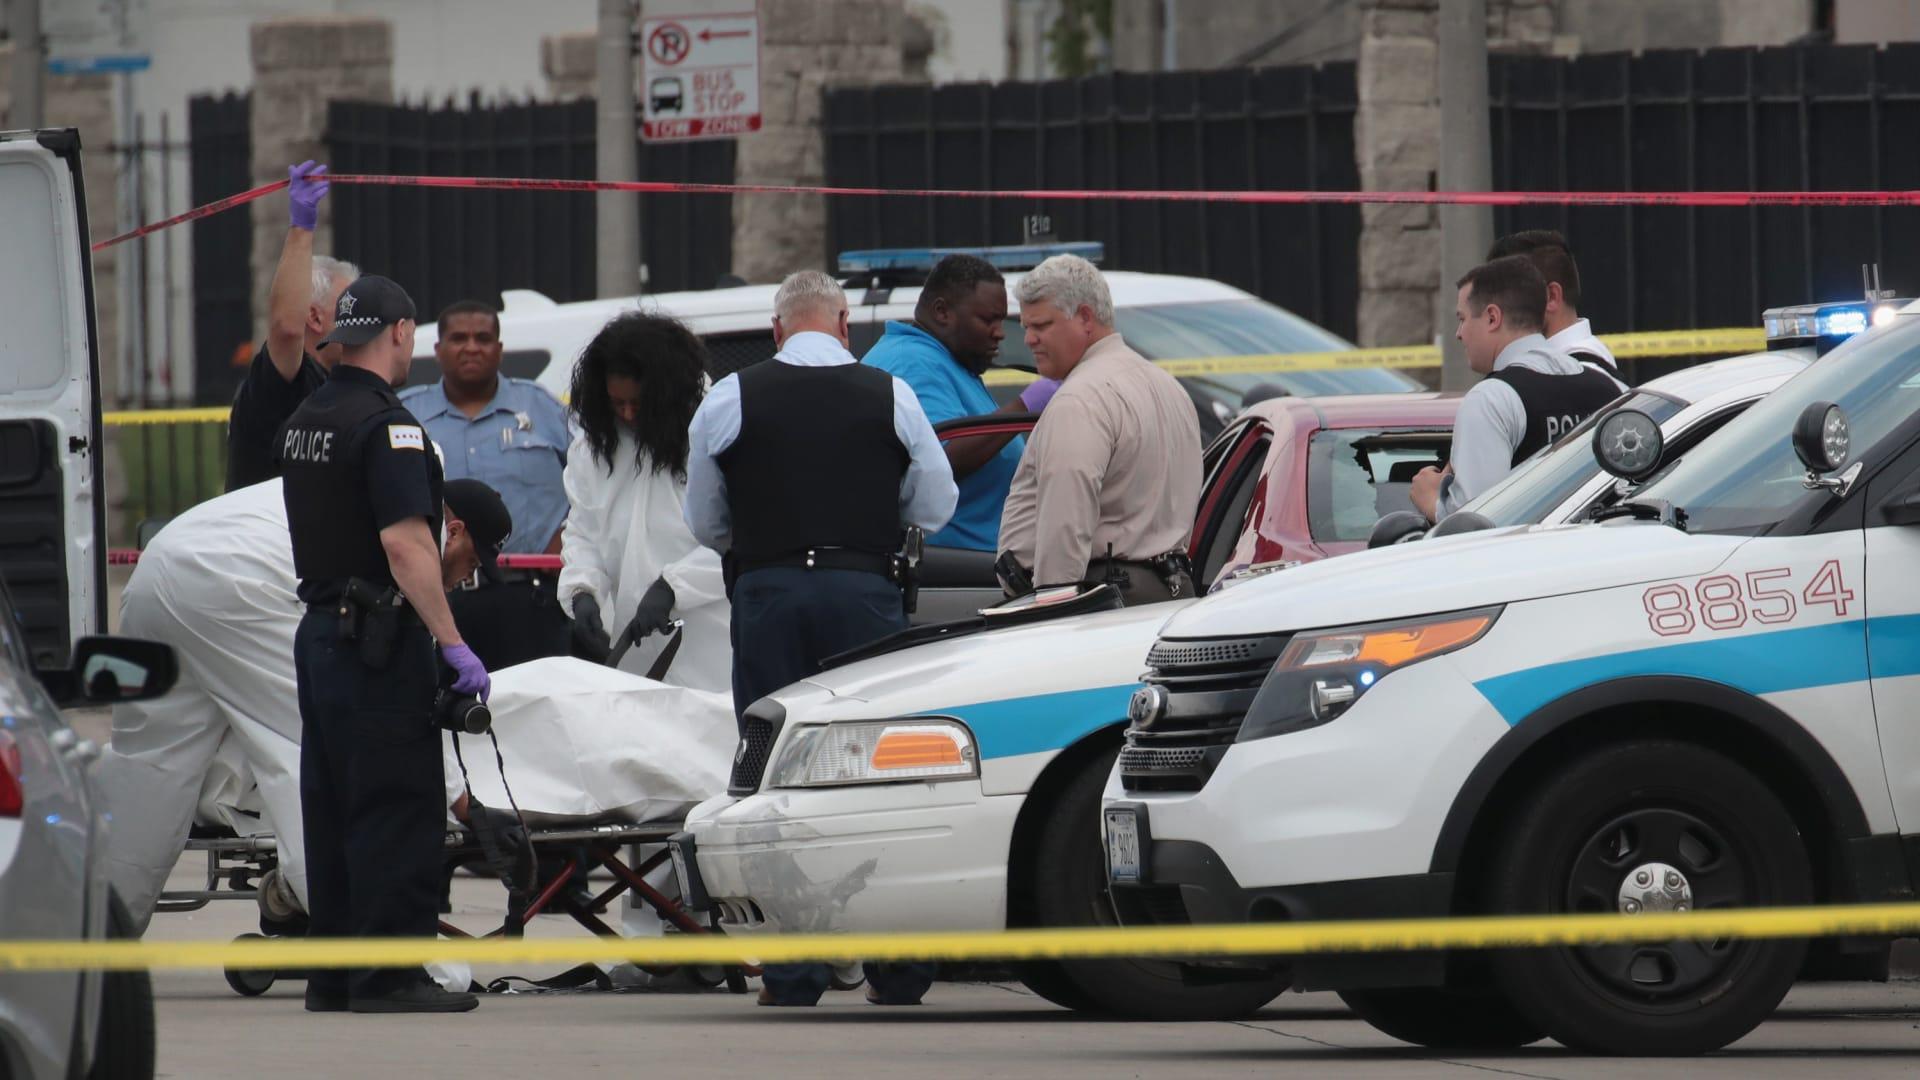 4 قتلى بينهم 3 أطفال بحادثة إطلاق نار في مدينة شيكاغو الأمريكية.. والجناة يلوذون بالفرار